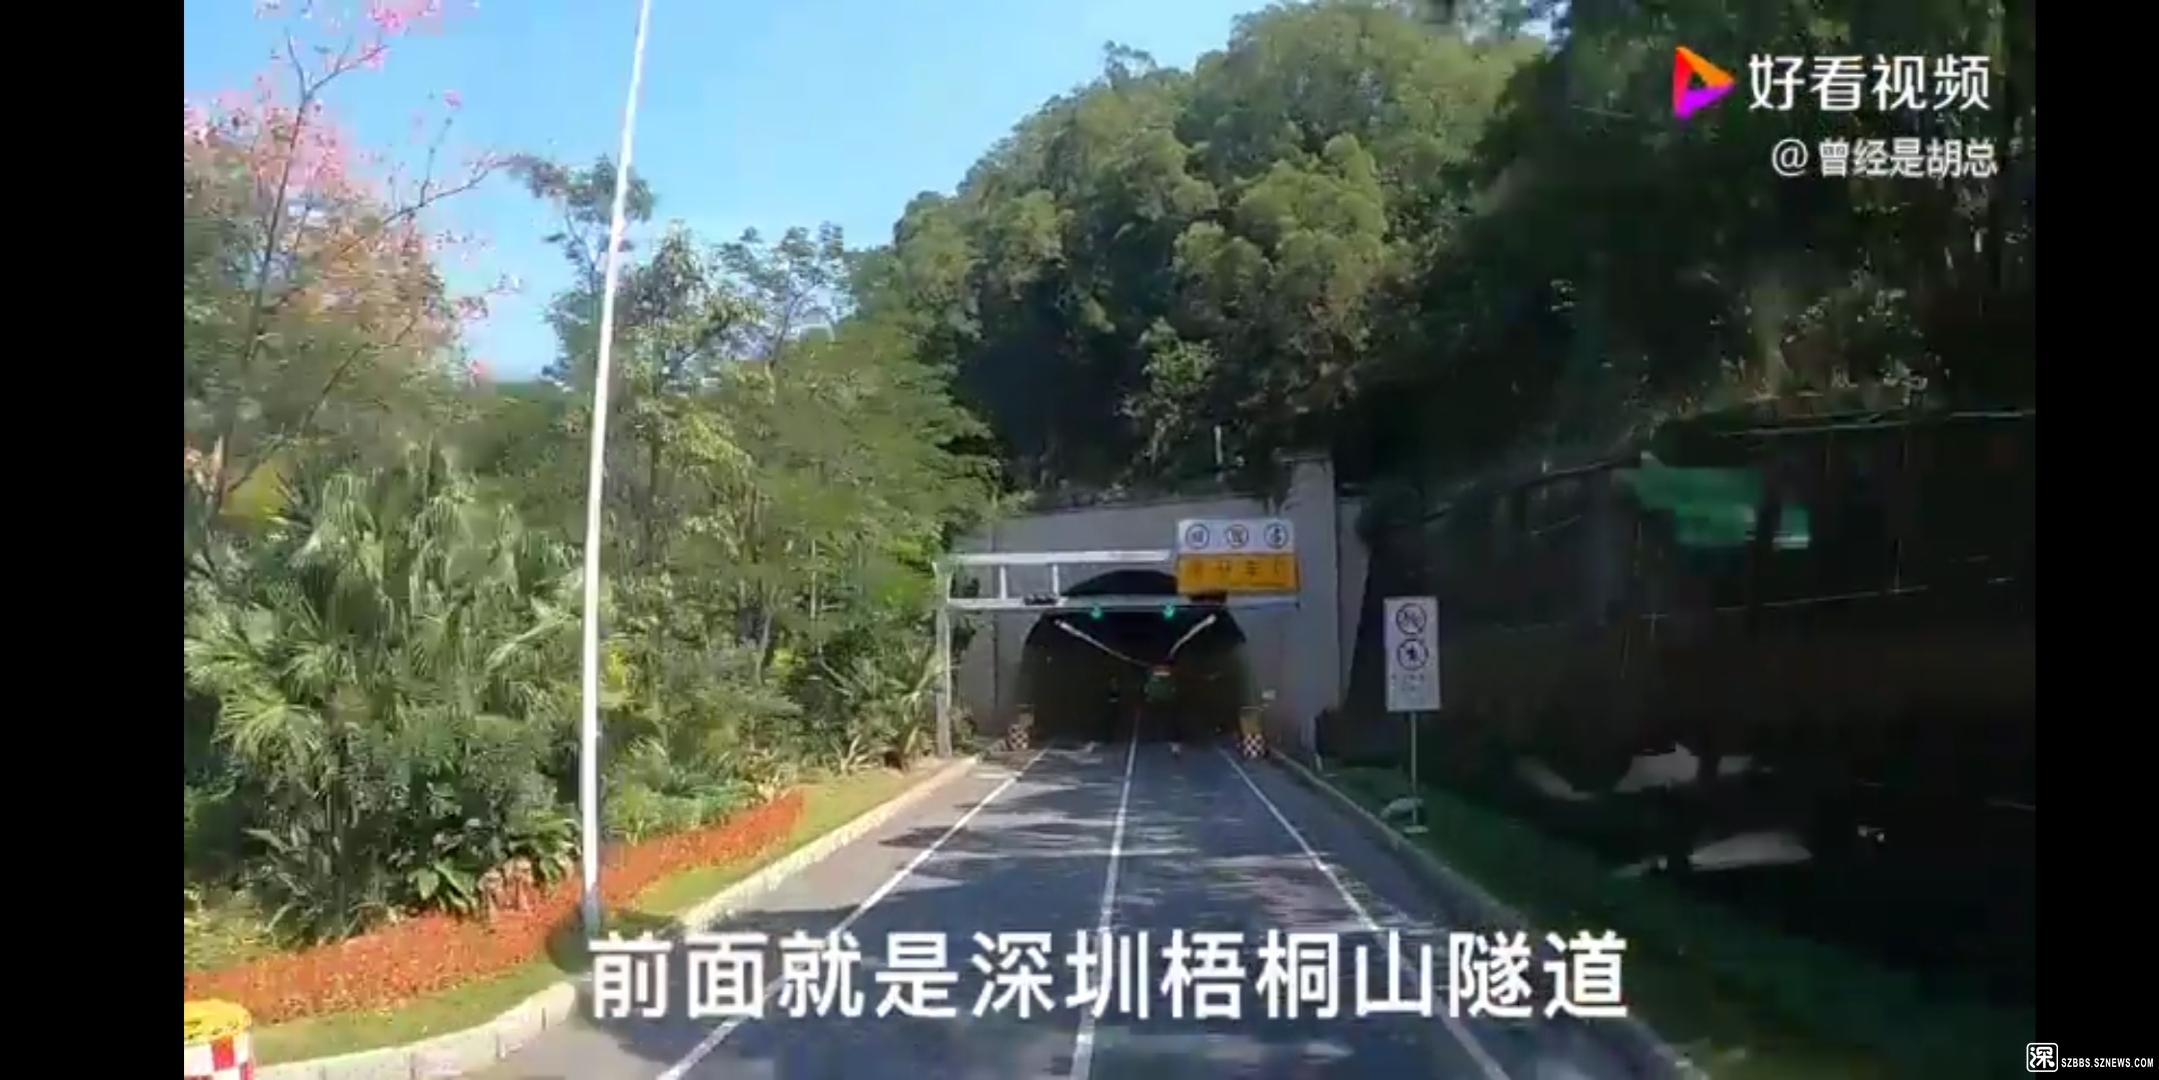 梧桐山隧道01.jpg